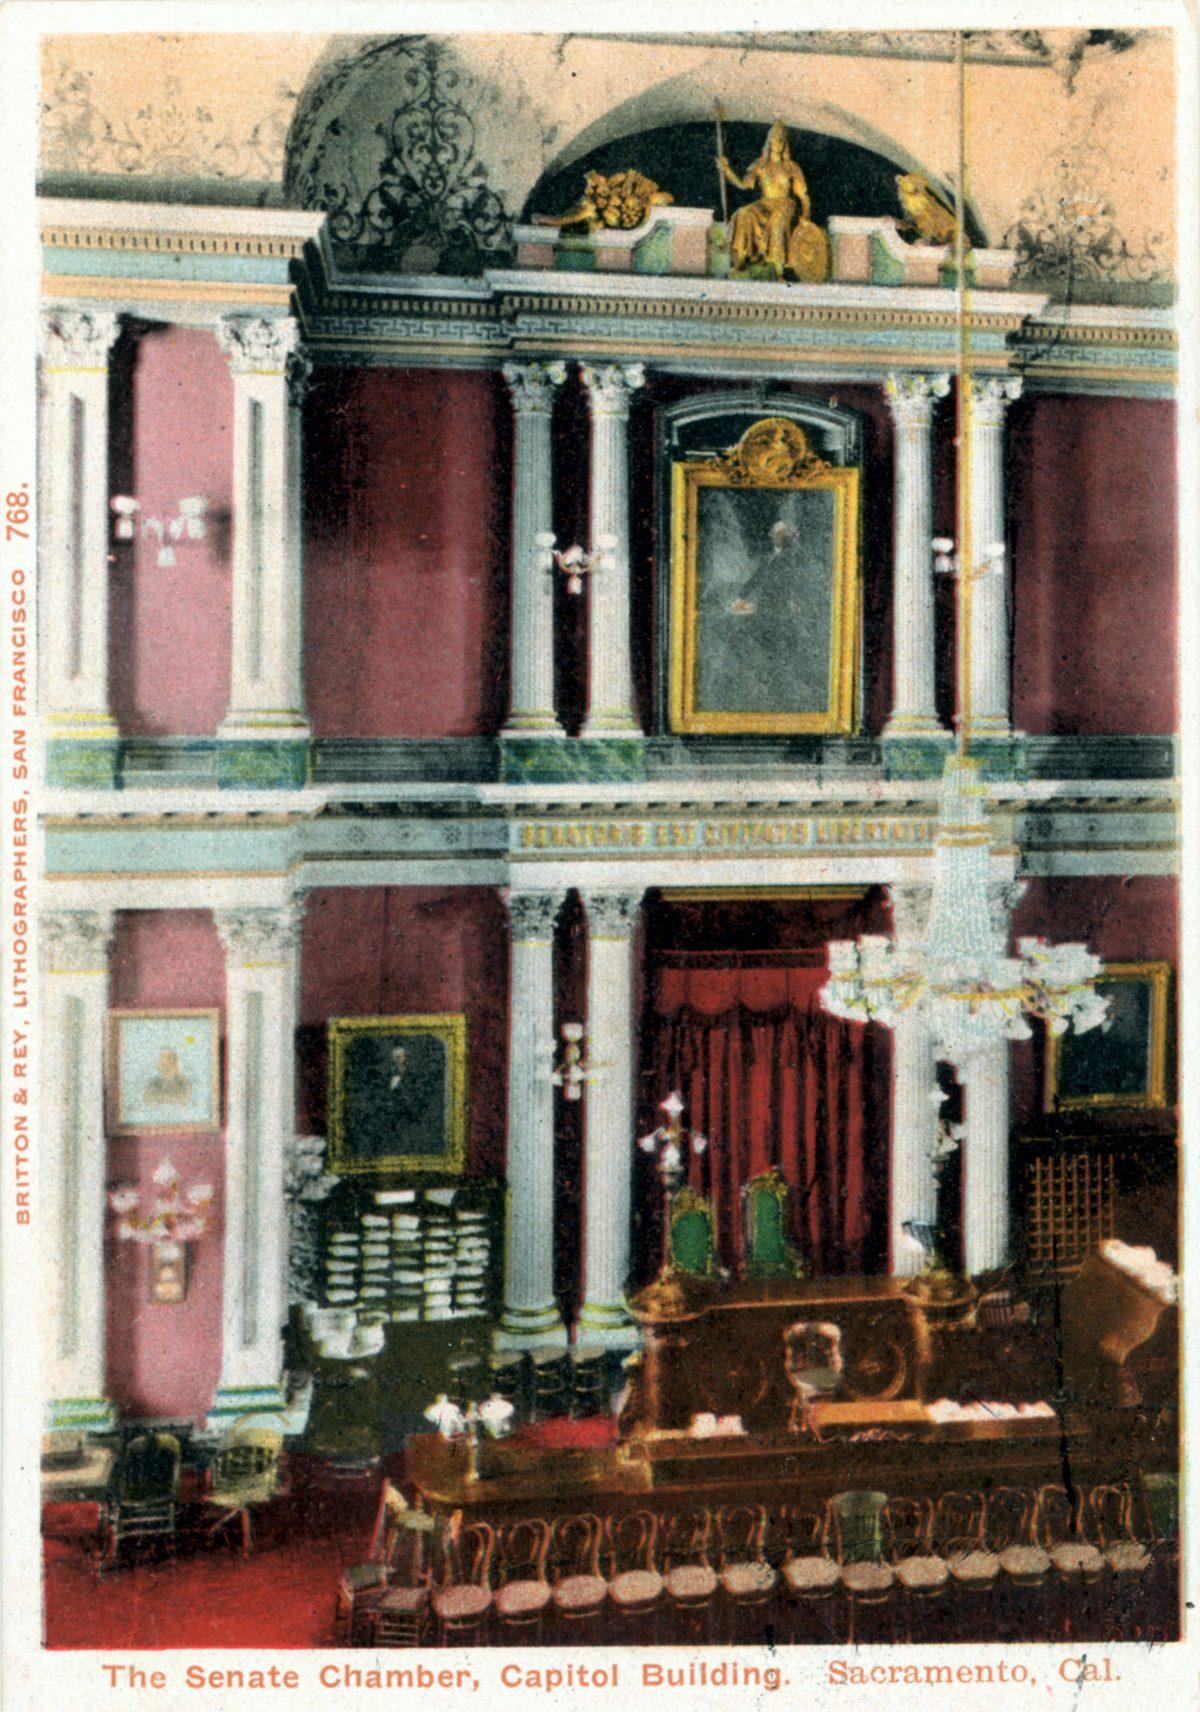 Senate dais postcard 1910s